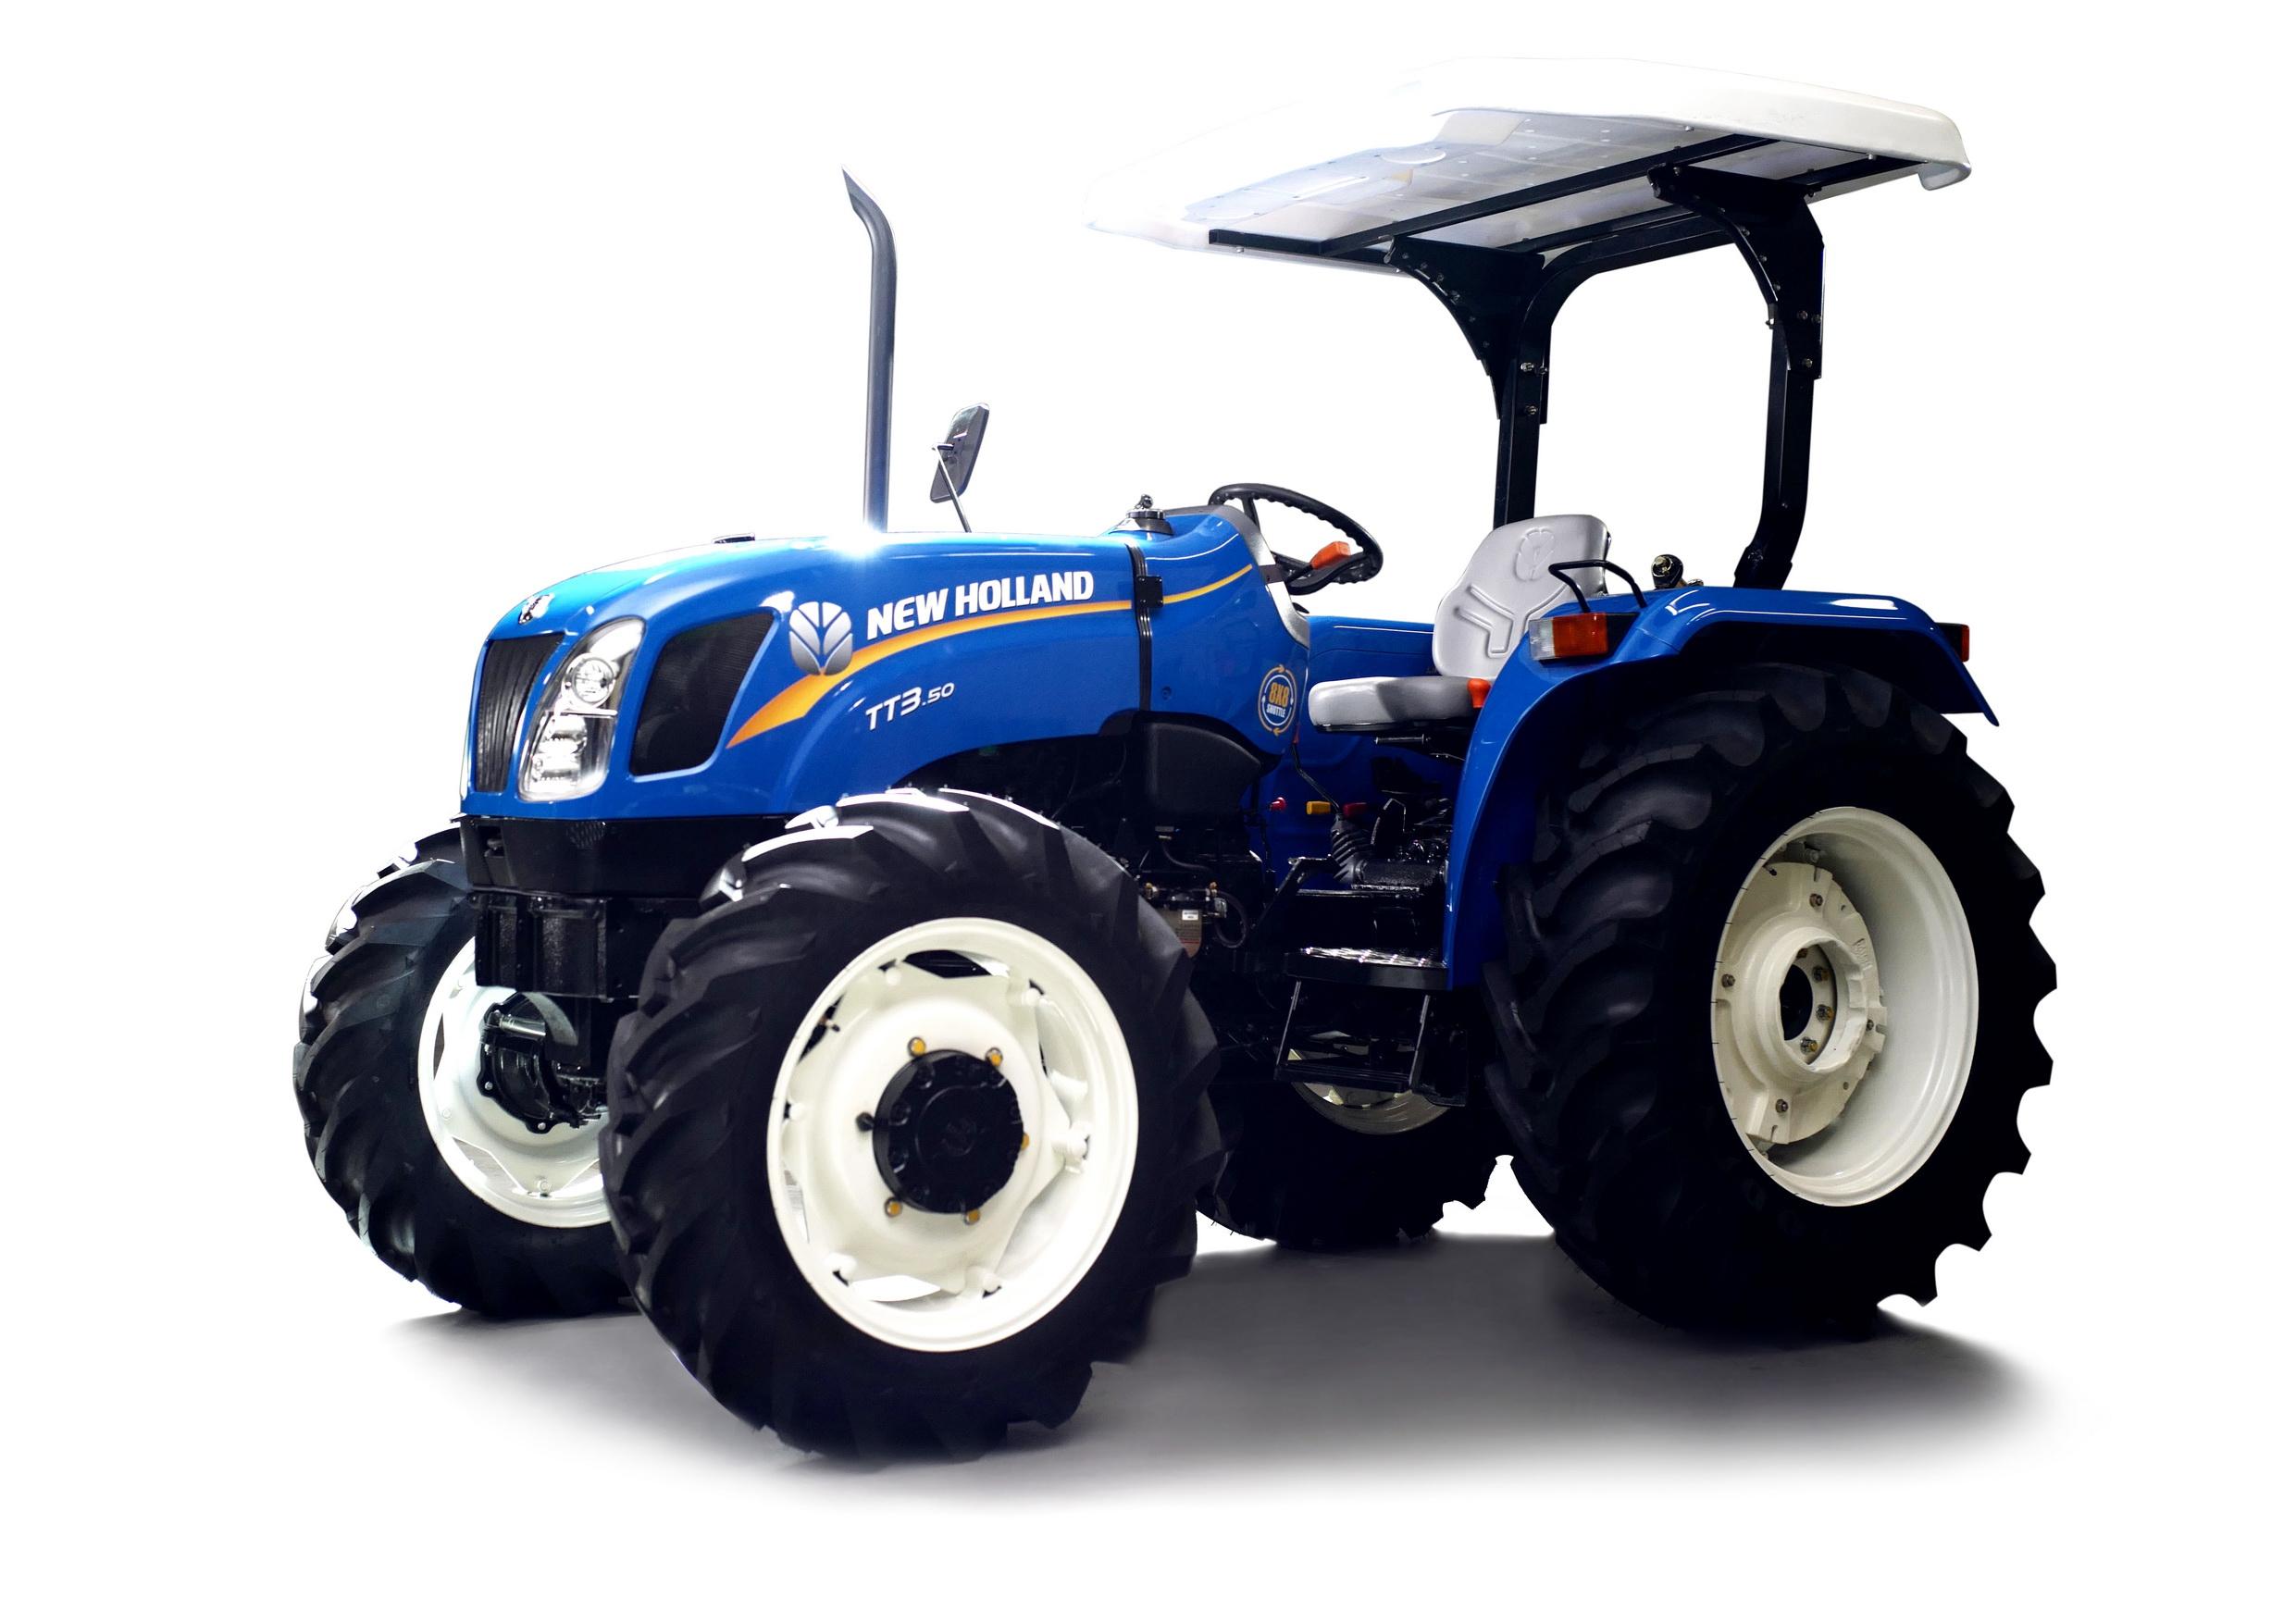 """นิว ฮอลแลนด์ เปิดตัว """"TT3.50"""" แทรกเตอร์เกษตร"""